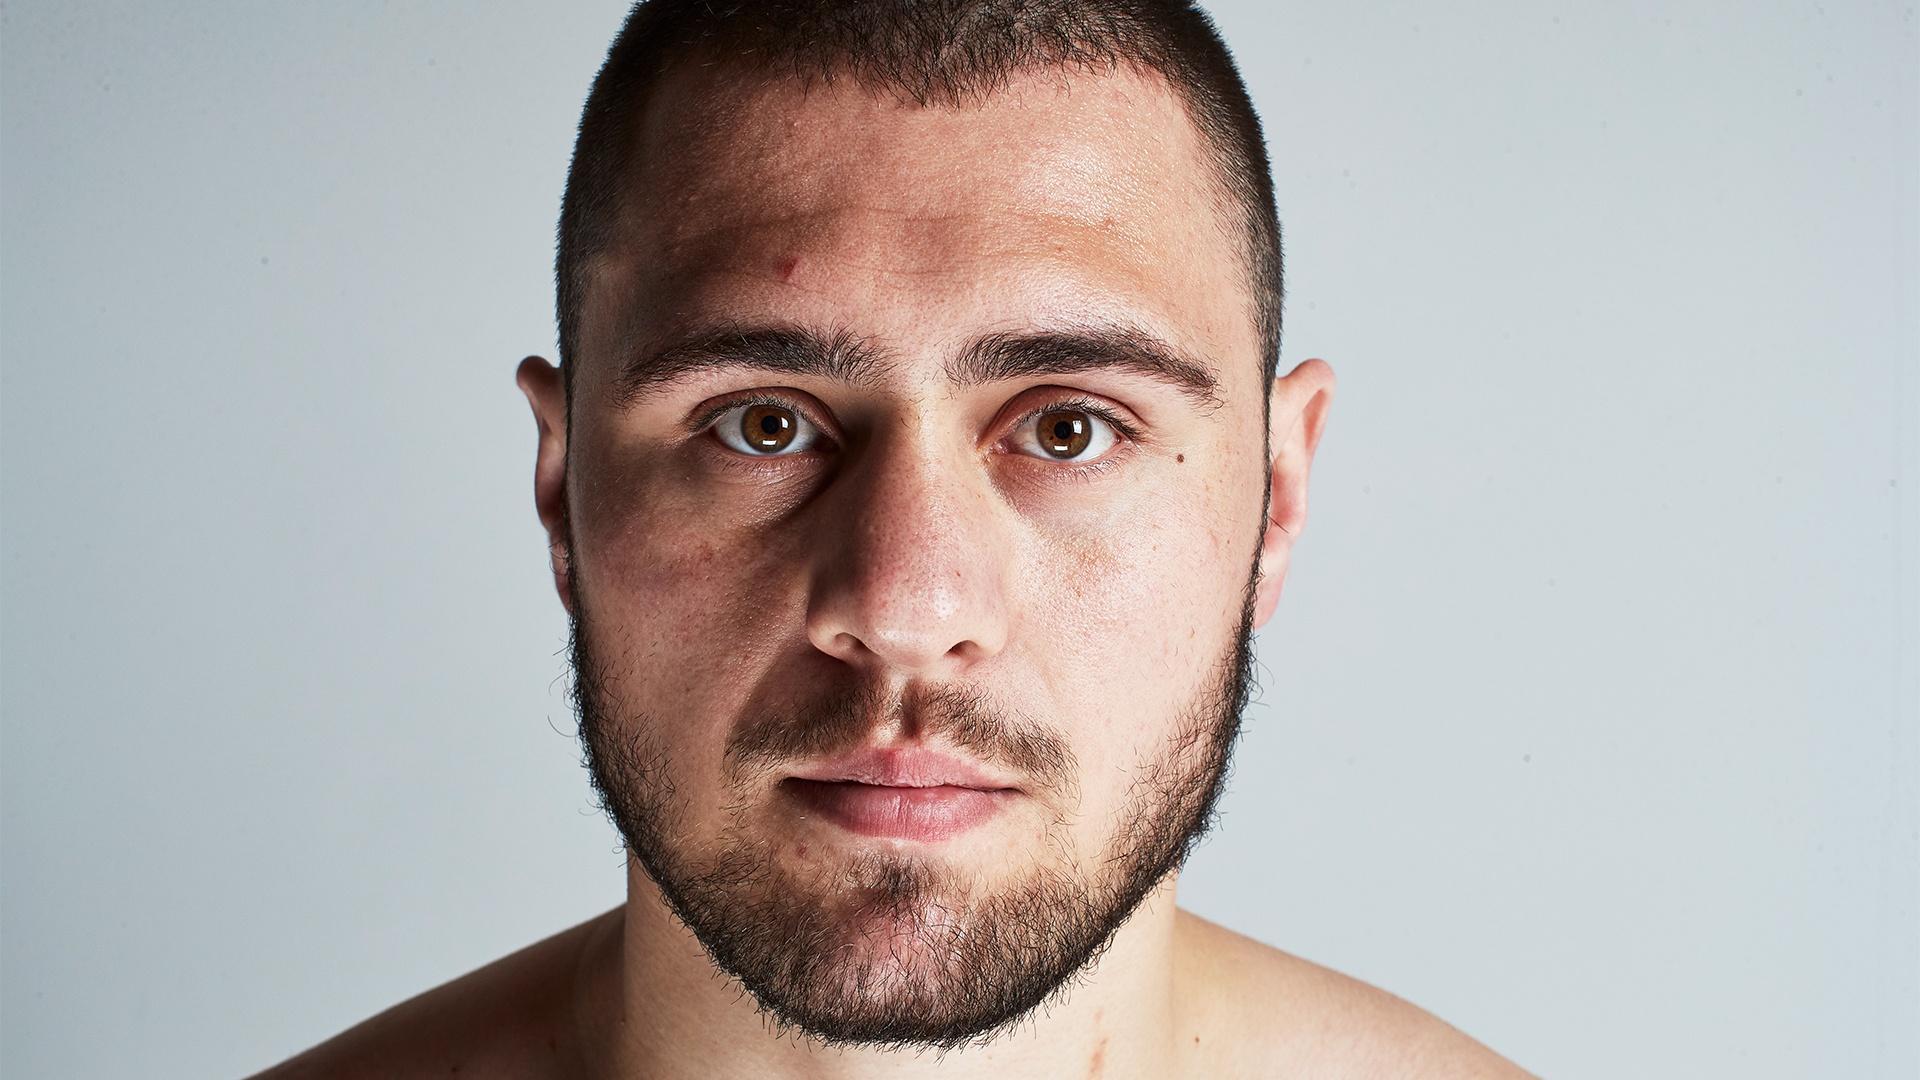 British boxers: Dave Allen